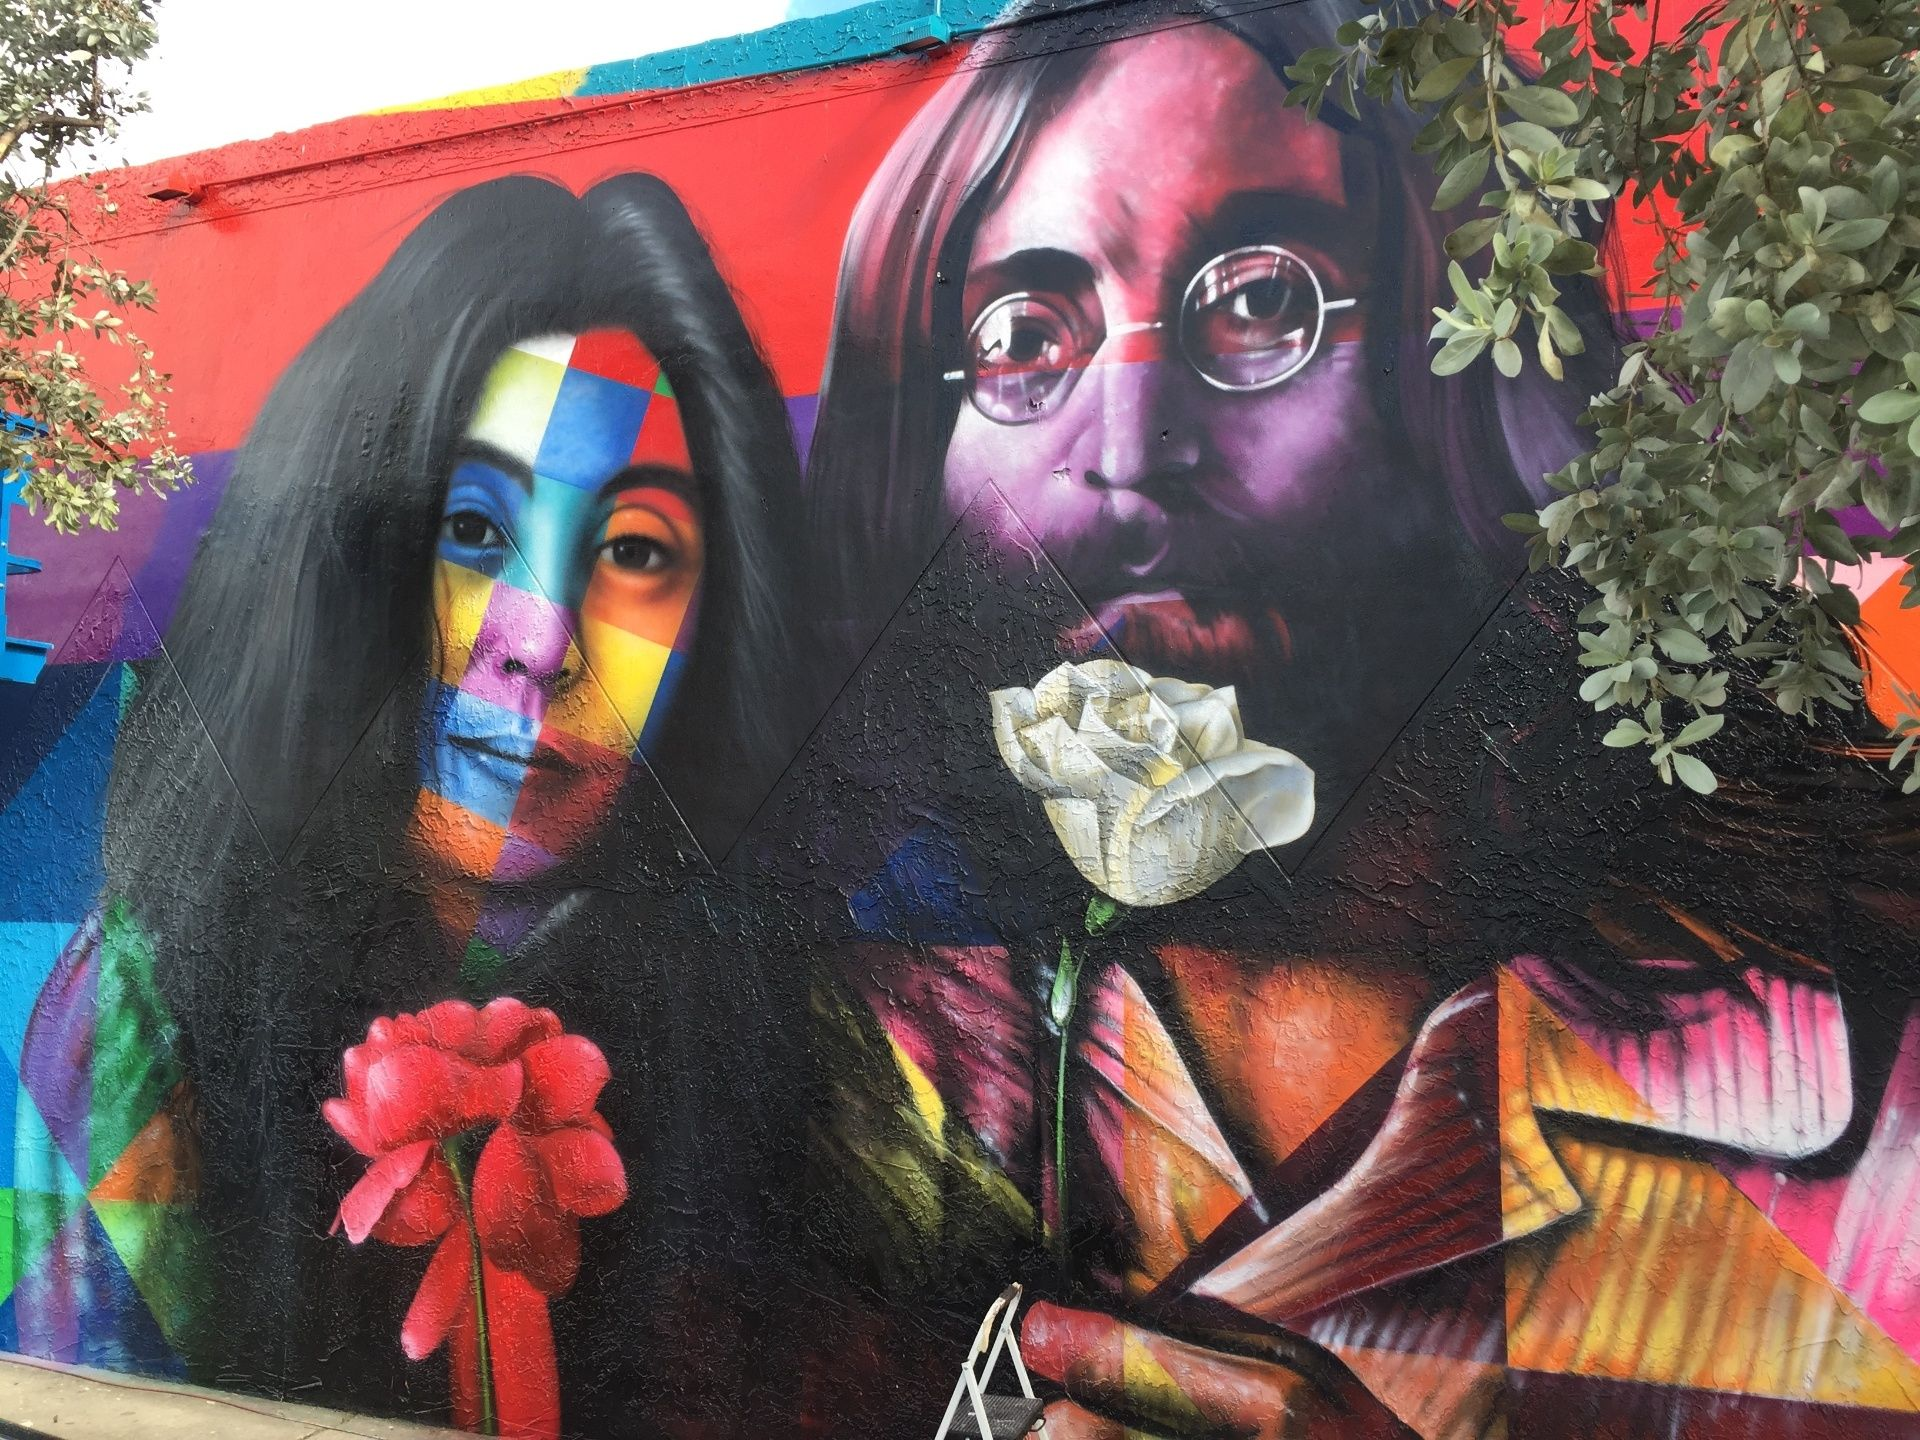 Conheça grafites do brasileiro Eduardo Kobra espalhados pelo mundo